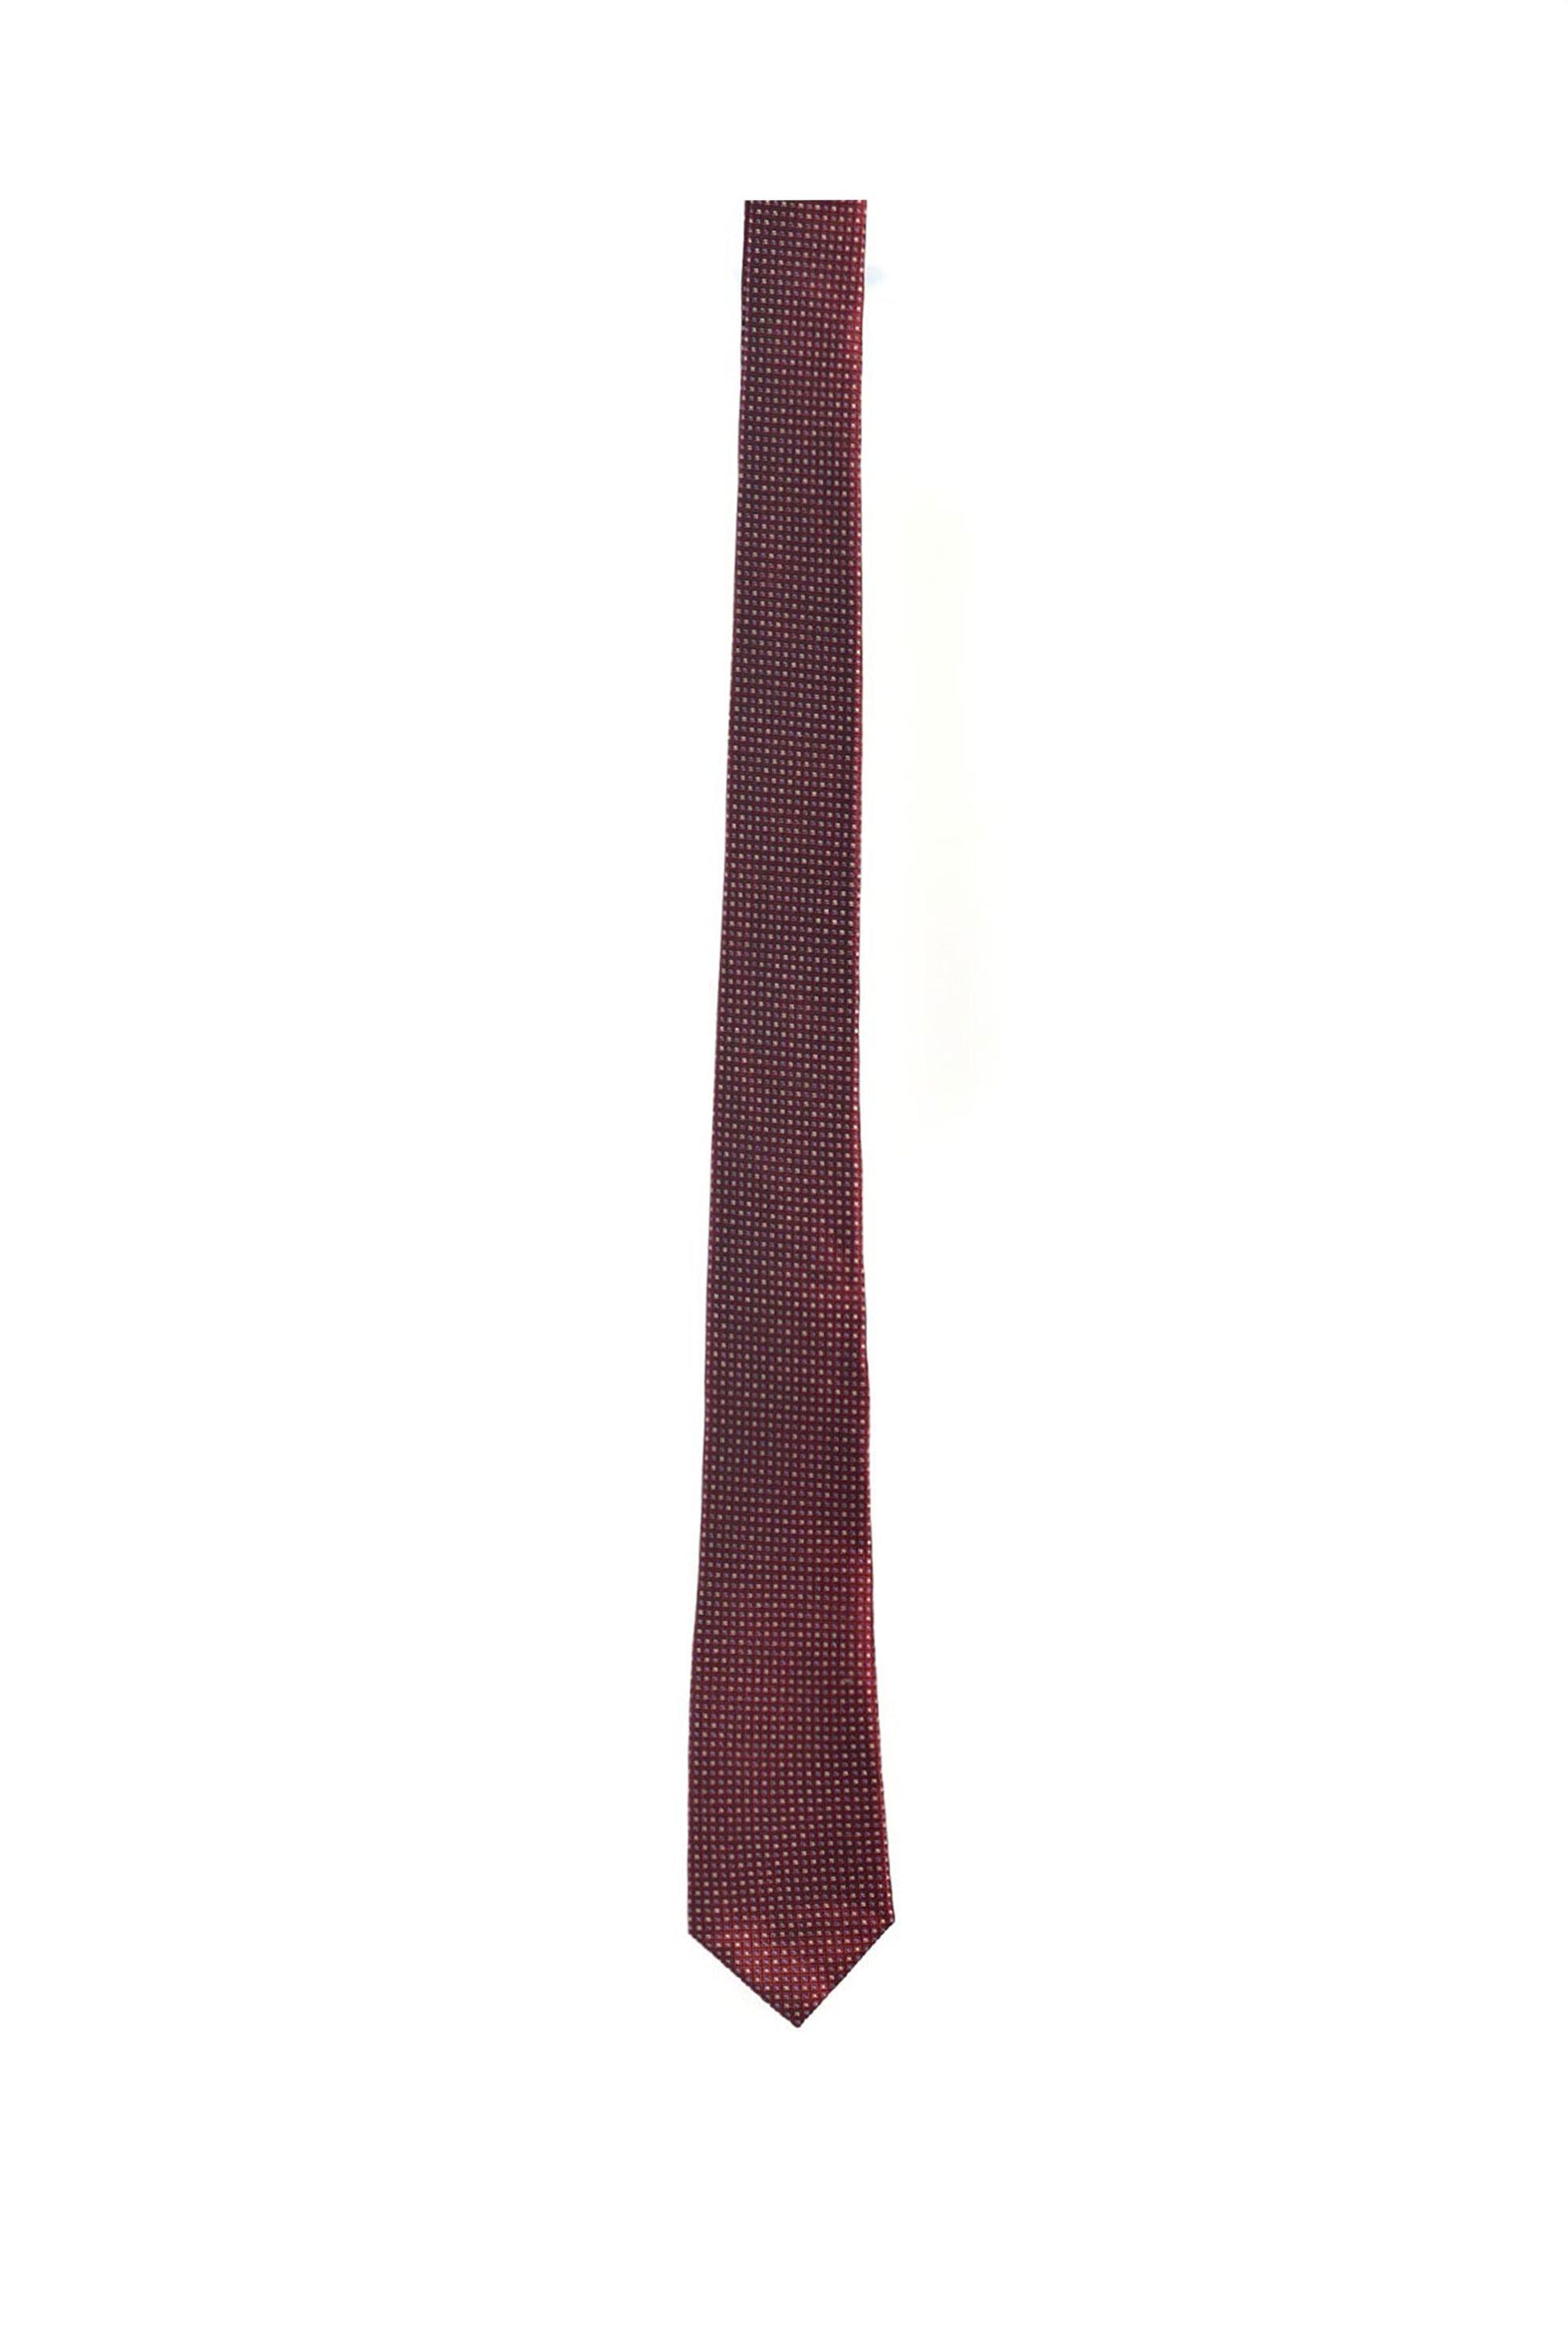 Vardas ανδρική μεταξωτή γραβάτα με πουά μικροσχέδιο - 2052005344207 - Μπορντό